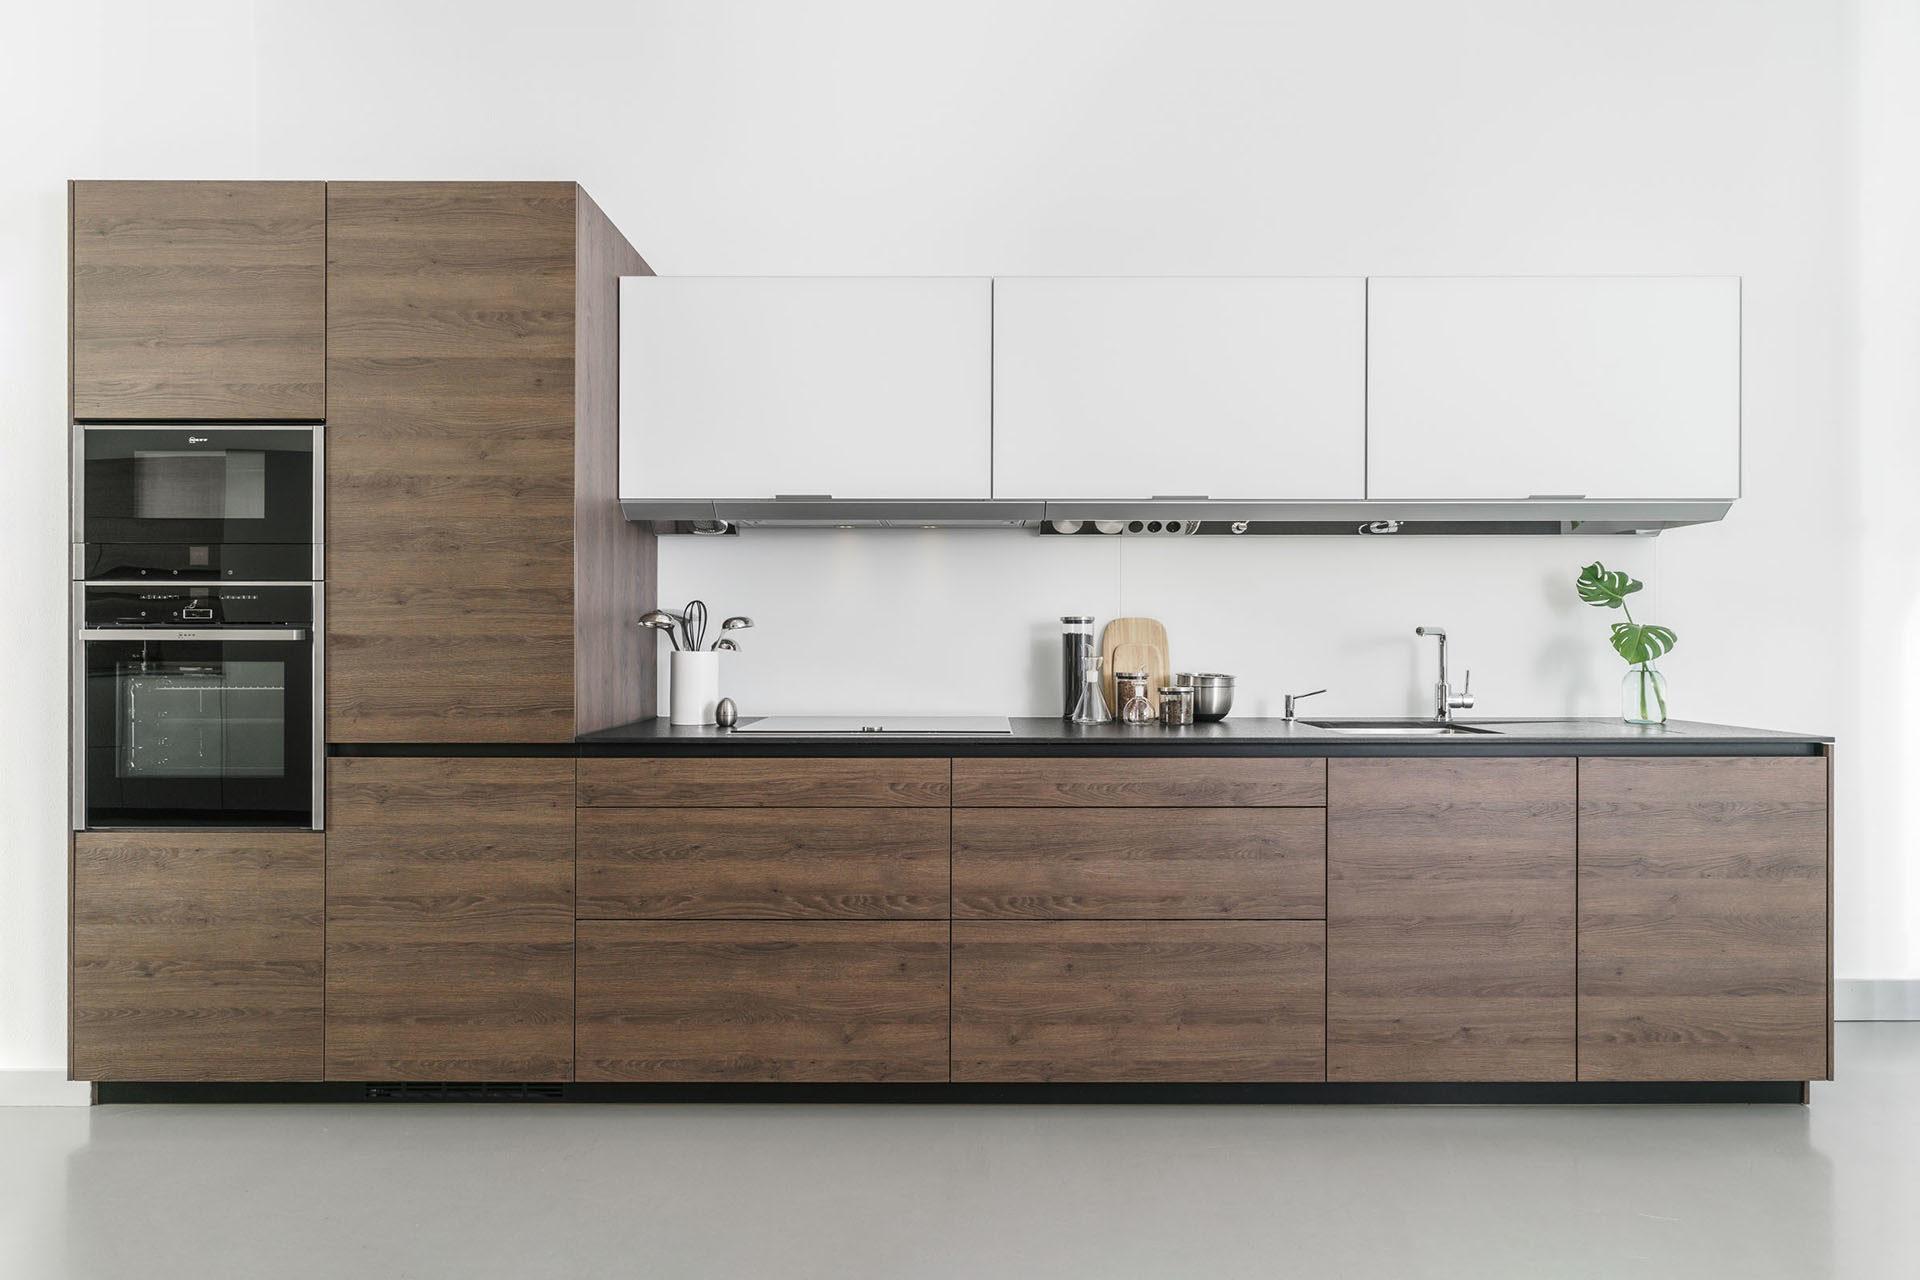 Cocina en madera y cristal en Santiago Interiores